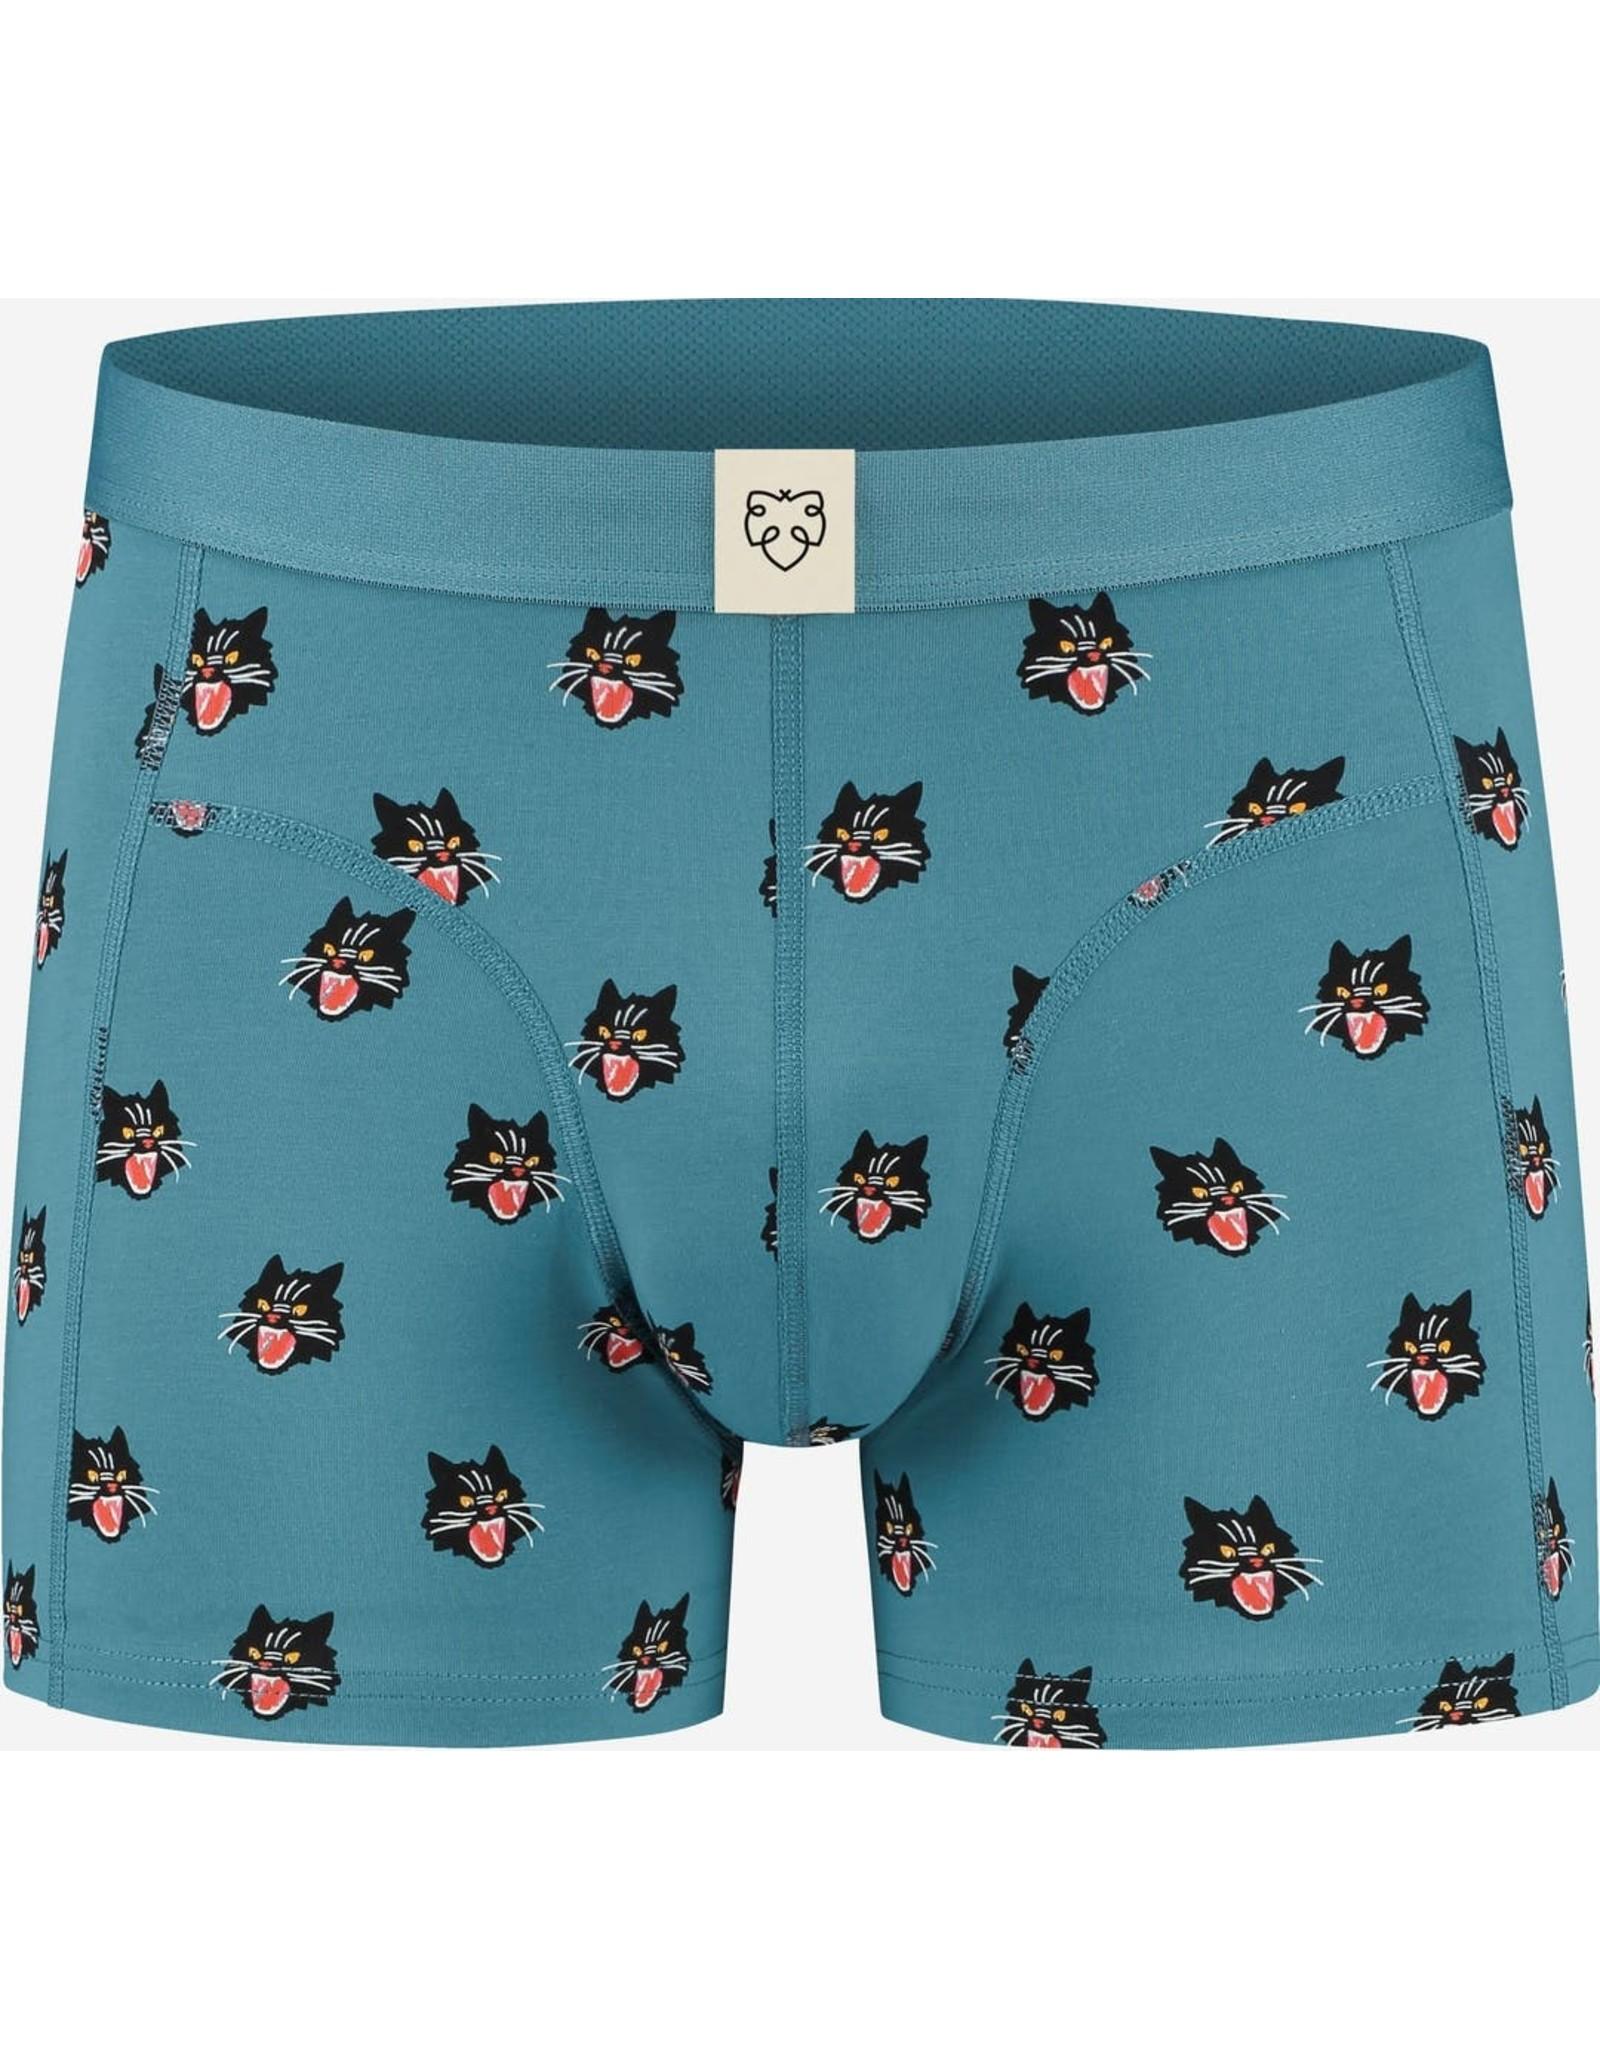 A-dam Underwear Carlos